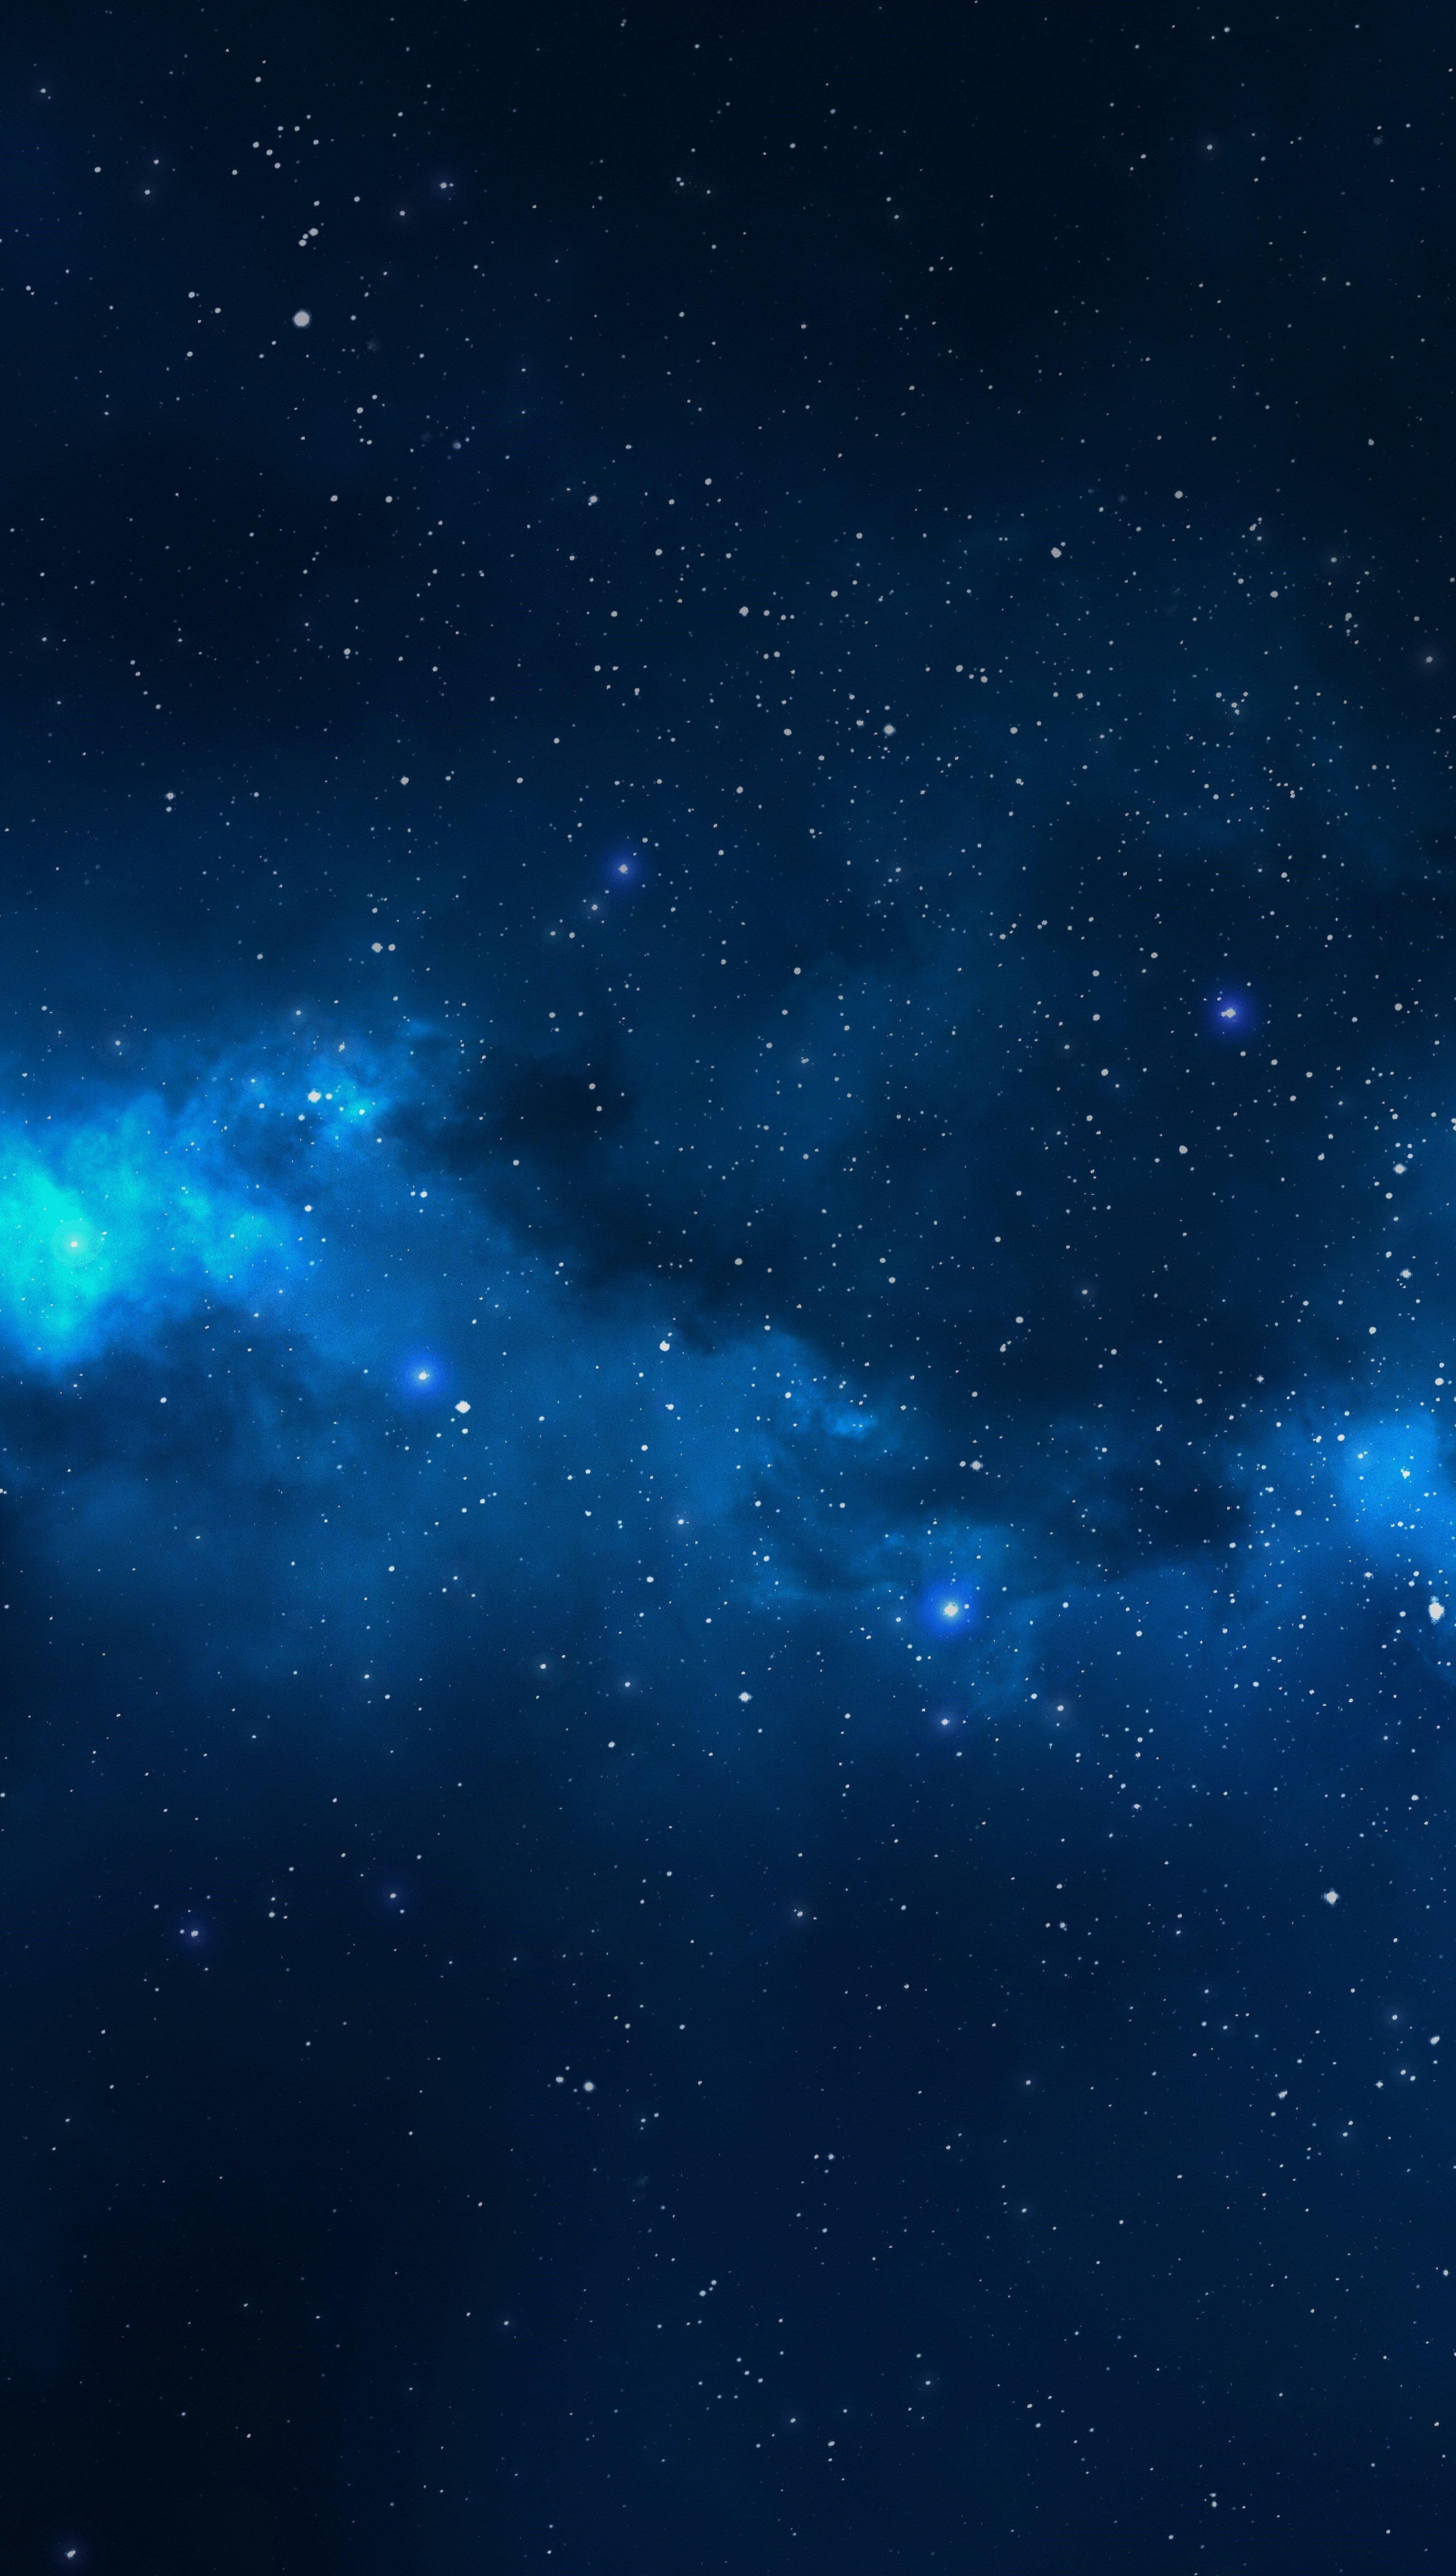 Fondos de pantalla Universo - Espacio interestelar Vertical